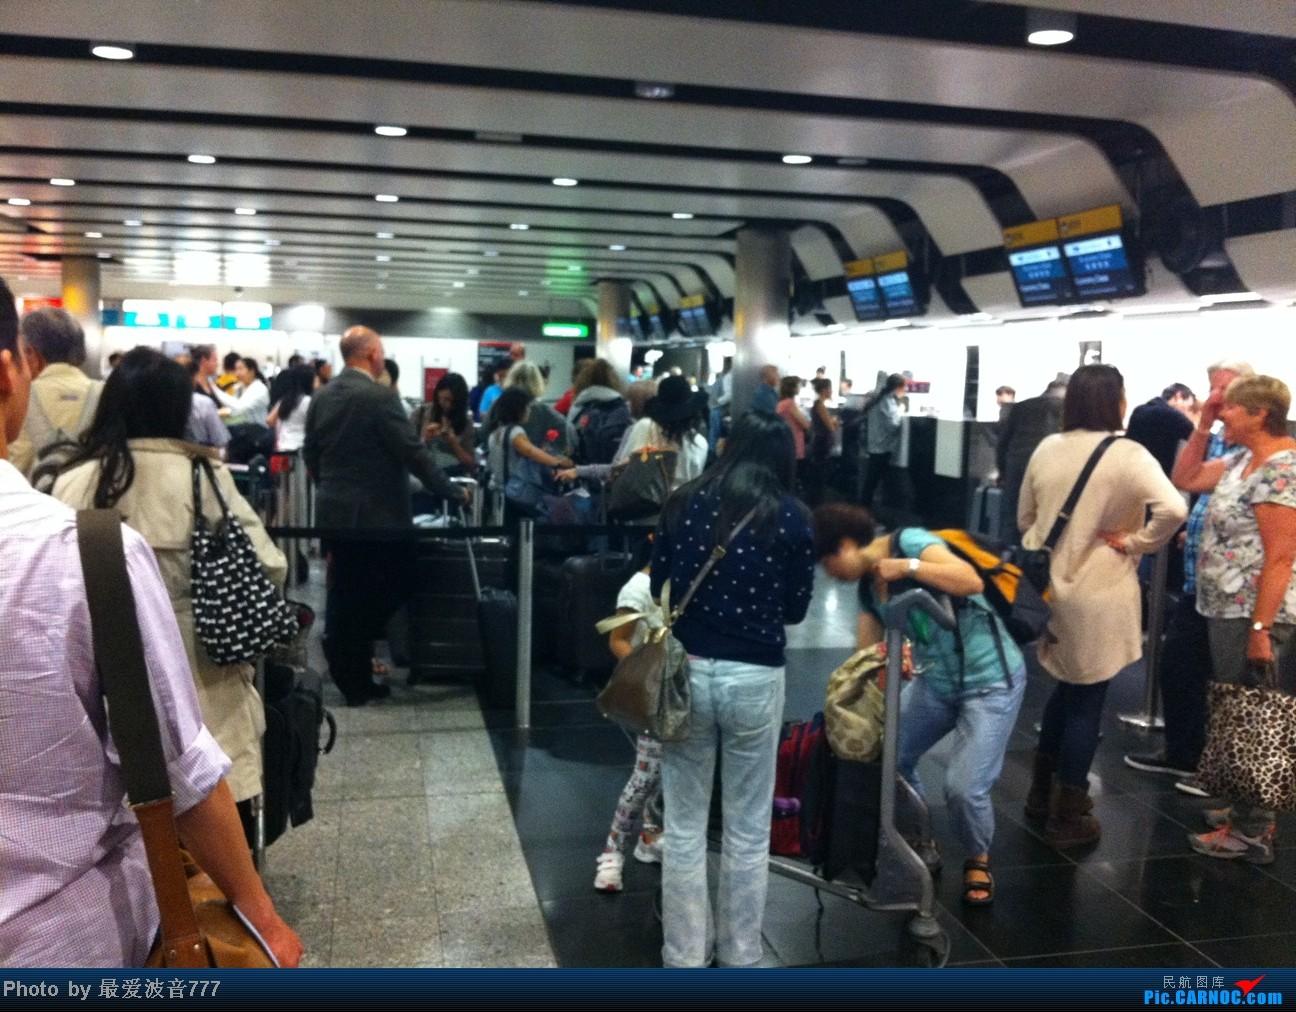 Re:[原创]假期的回国往返之旅 LHR-HKG-CTU-HKG-LHR, CX+CA+KA联合运营 BOEING 777-300 B-KPM 英国伦敦希思罗机场 英国伦敦希思罗机场